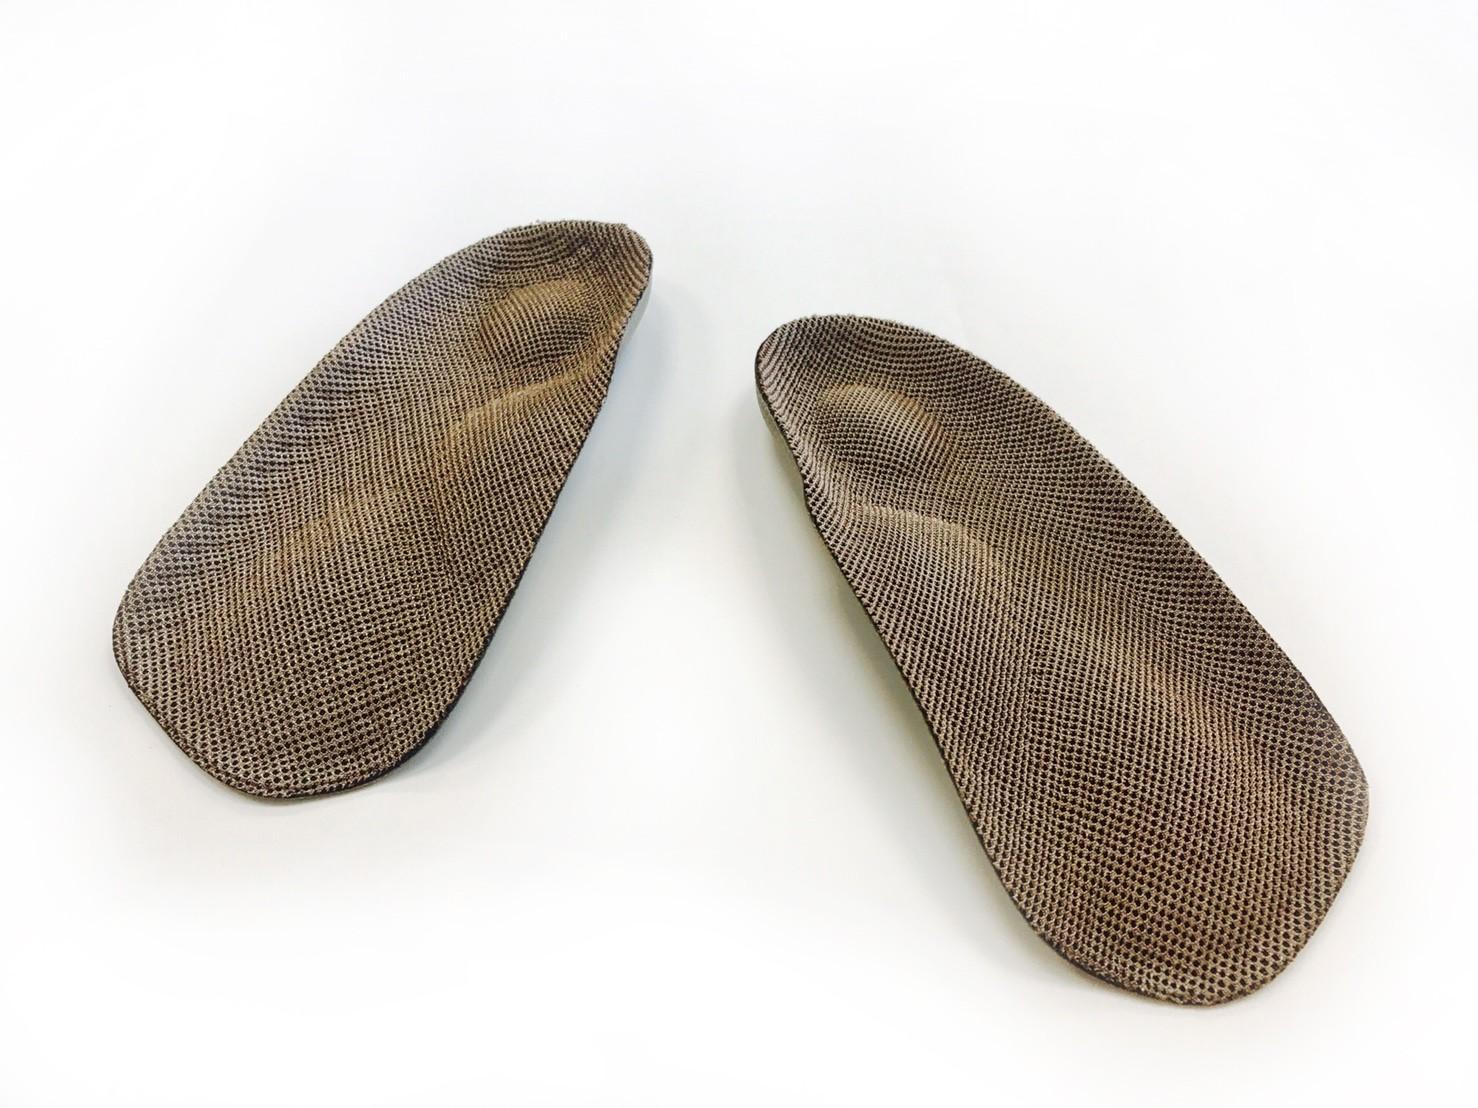 (母親節4/11-5/12限時優惠) 足寶Strong Feet 複合式健走鞋墊 shoe-pads